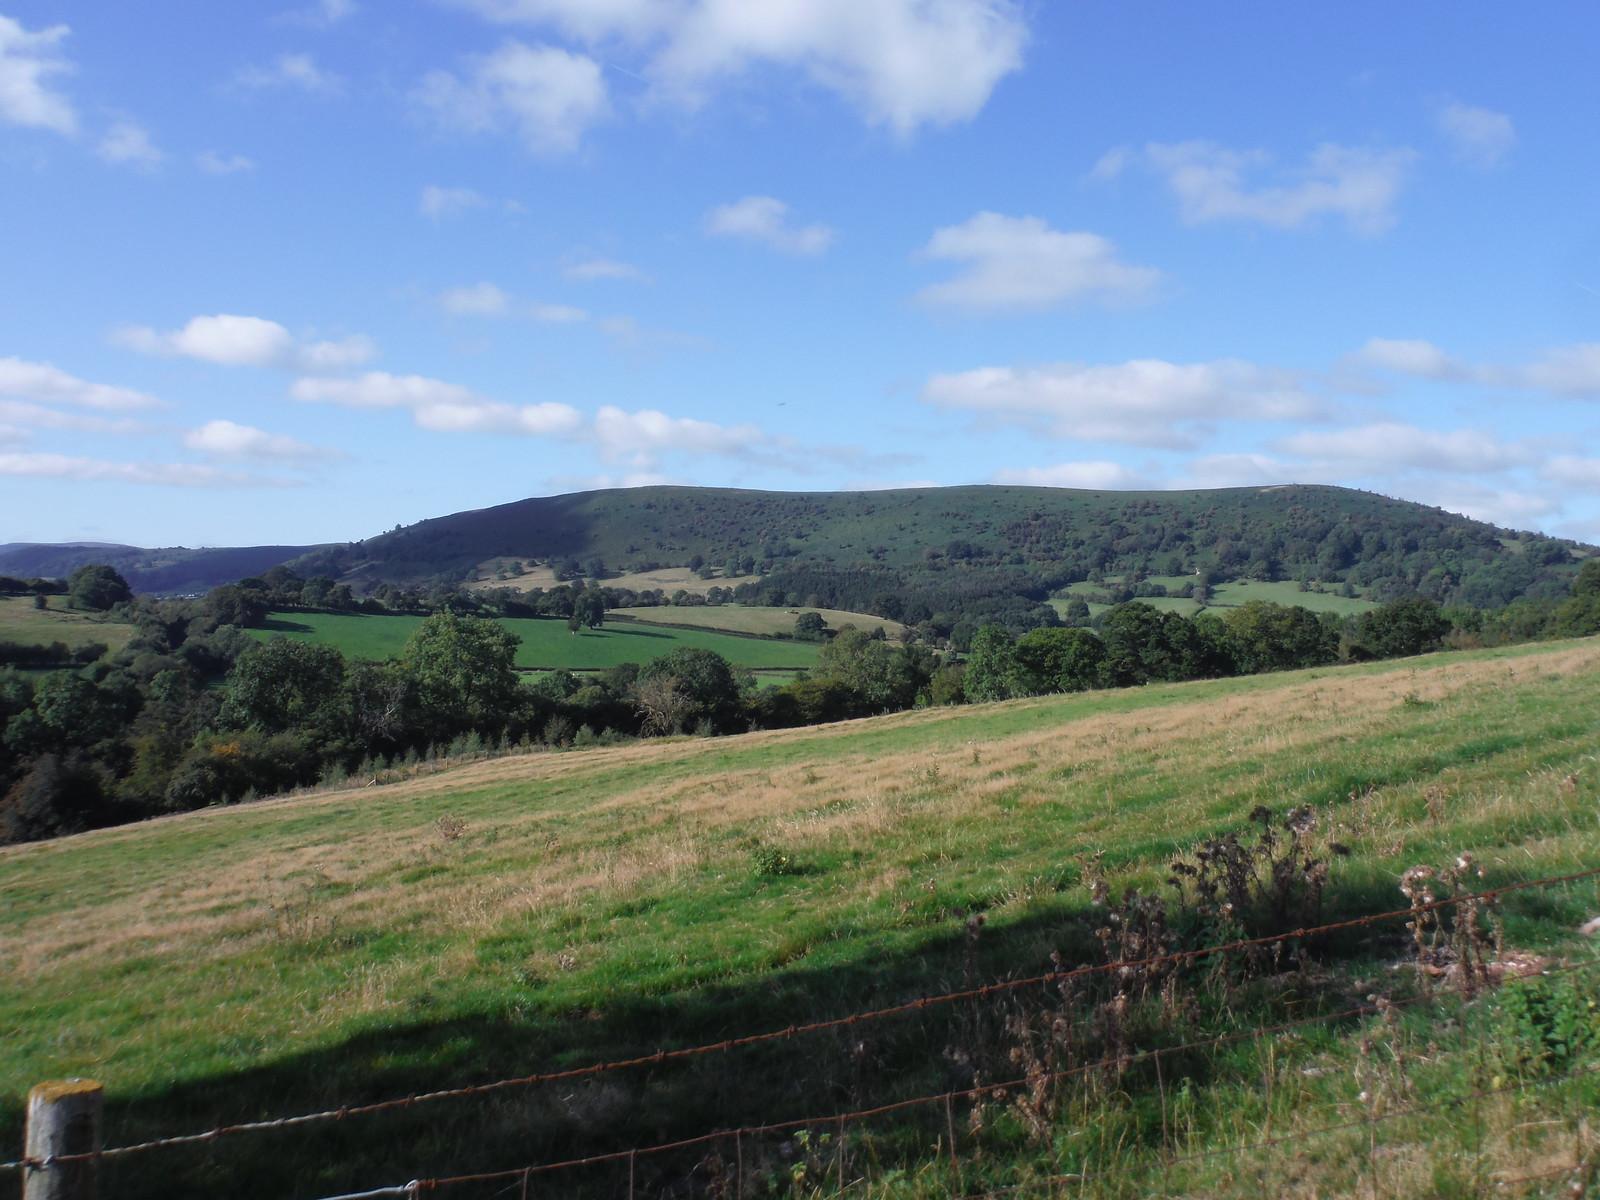 Bryn Arw from ascent up Llwygy hill SWC Walk 347 - Llanvihangel Crucorney Circular (via Bryn Arw and The Skirrid)